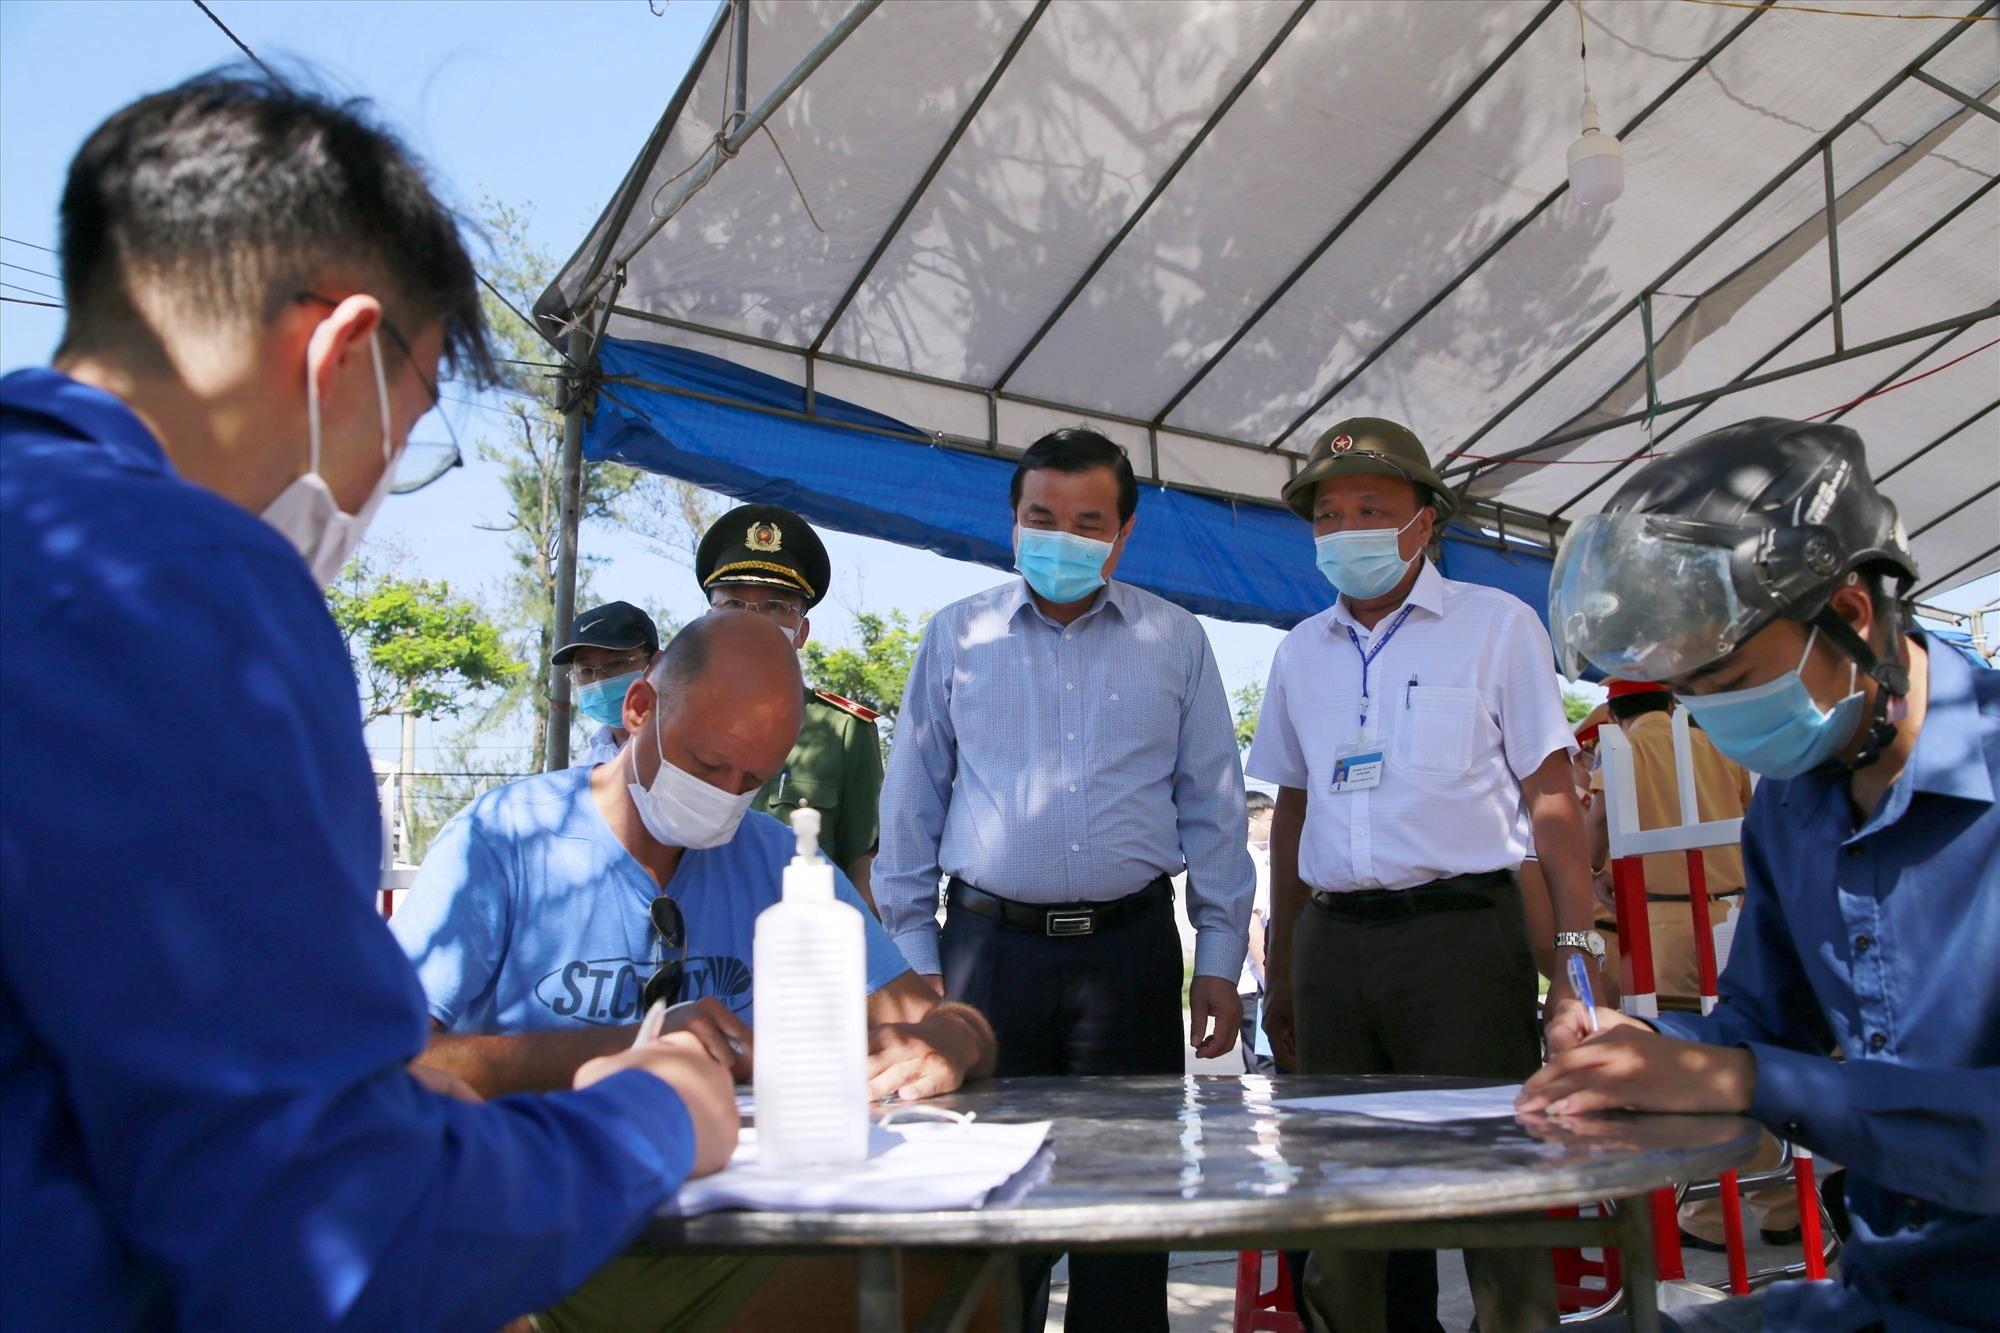 Bí thư Tỉnh ủy Phan Việt Cường kiểm tra chốt kiểm soát dịch tại Điện Bàn vào tháng 5.2021. Ảnh: T.C